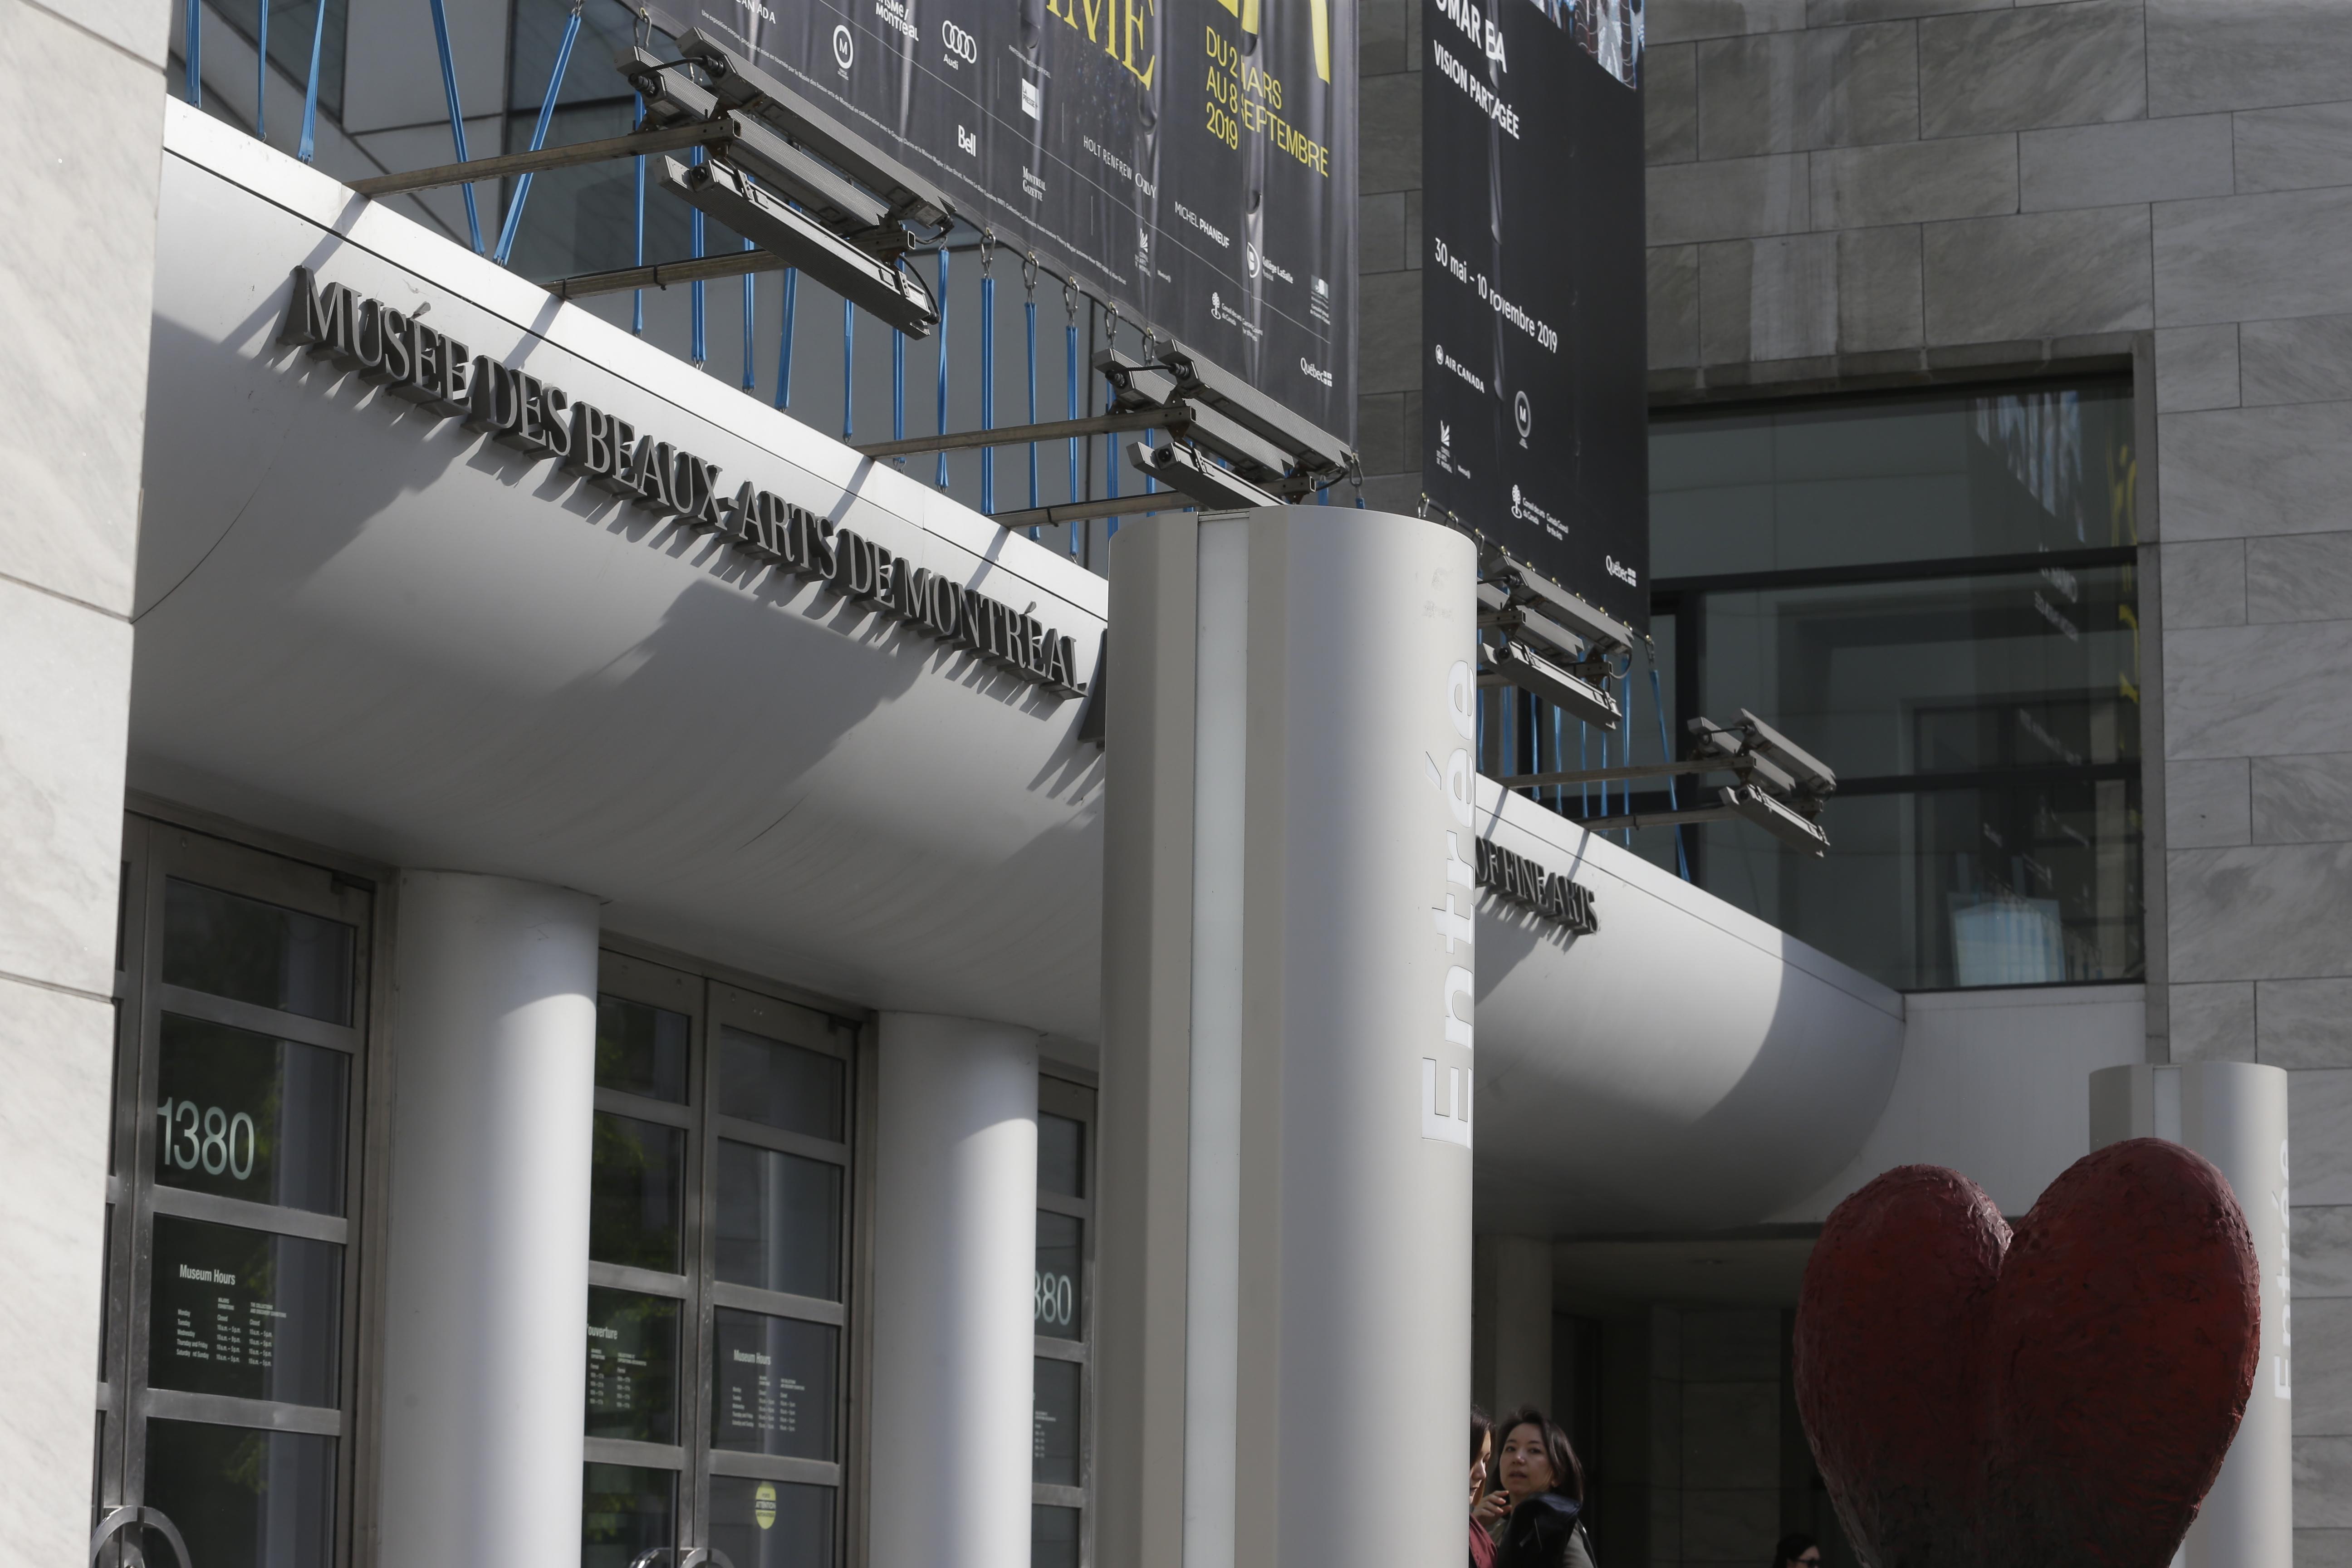 COLONNES - MUSÉE DES BEAUX ARTS